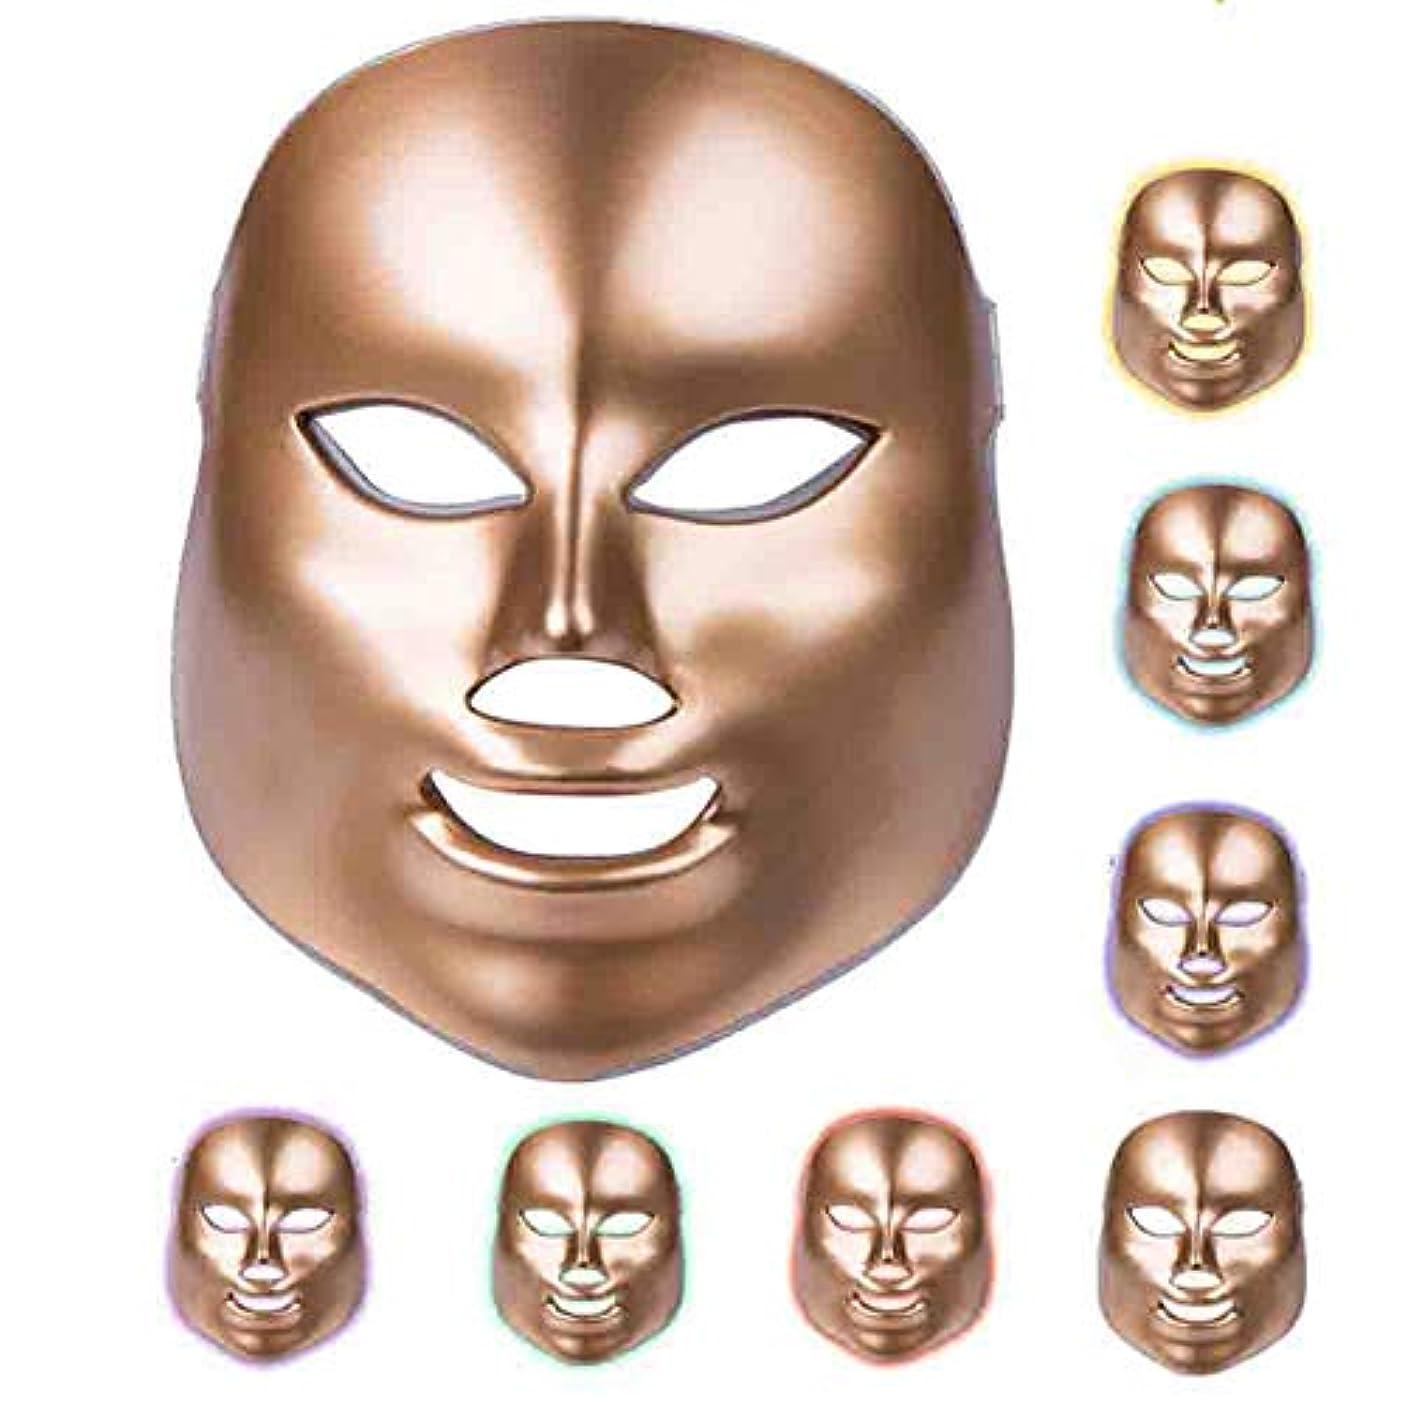 突撃乱れ故意にライトセラピーは、LEDフェイス7色の顔の若返りデバイス美容スキンケアライトニングアンチエイジング光線療法マスクマスク